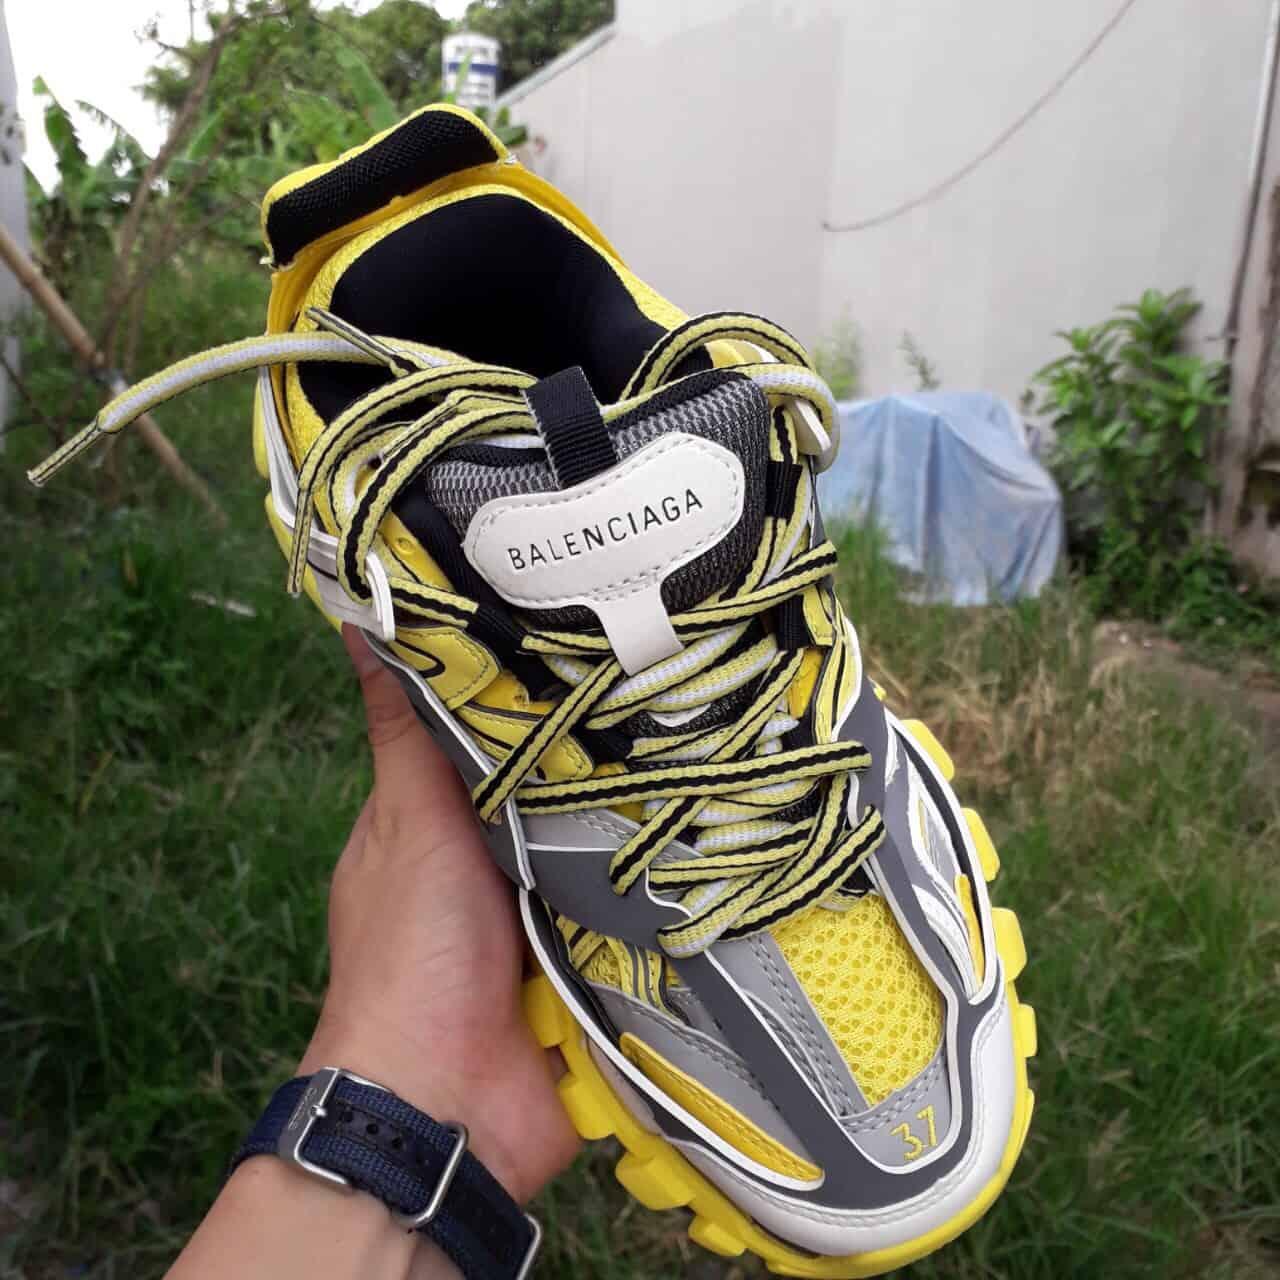 Giày thể thao Balenciaga Track Vàng replica mang đến sự cá tính và phong cách thời thượng